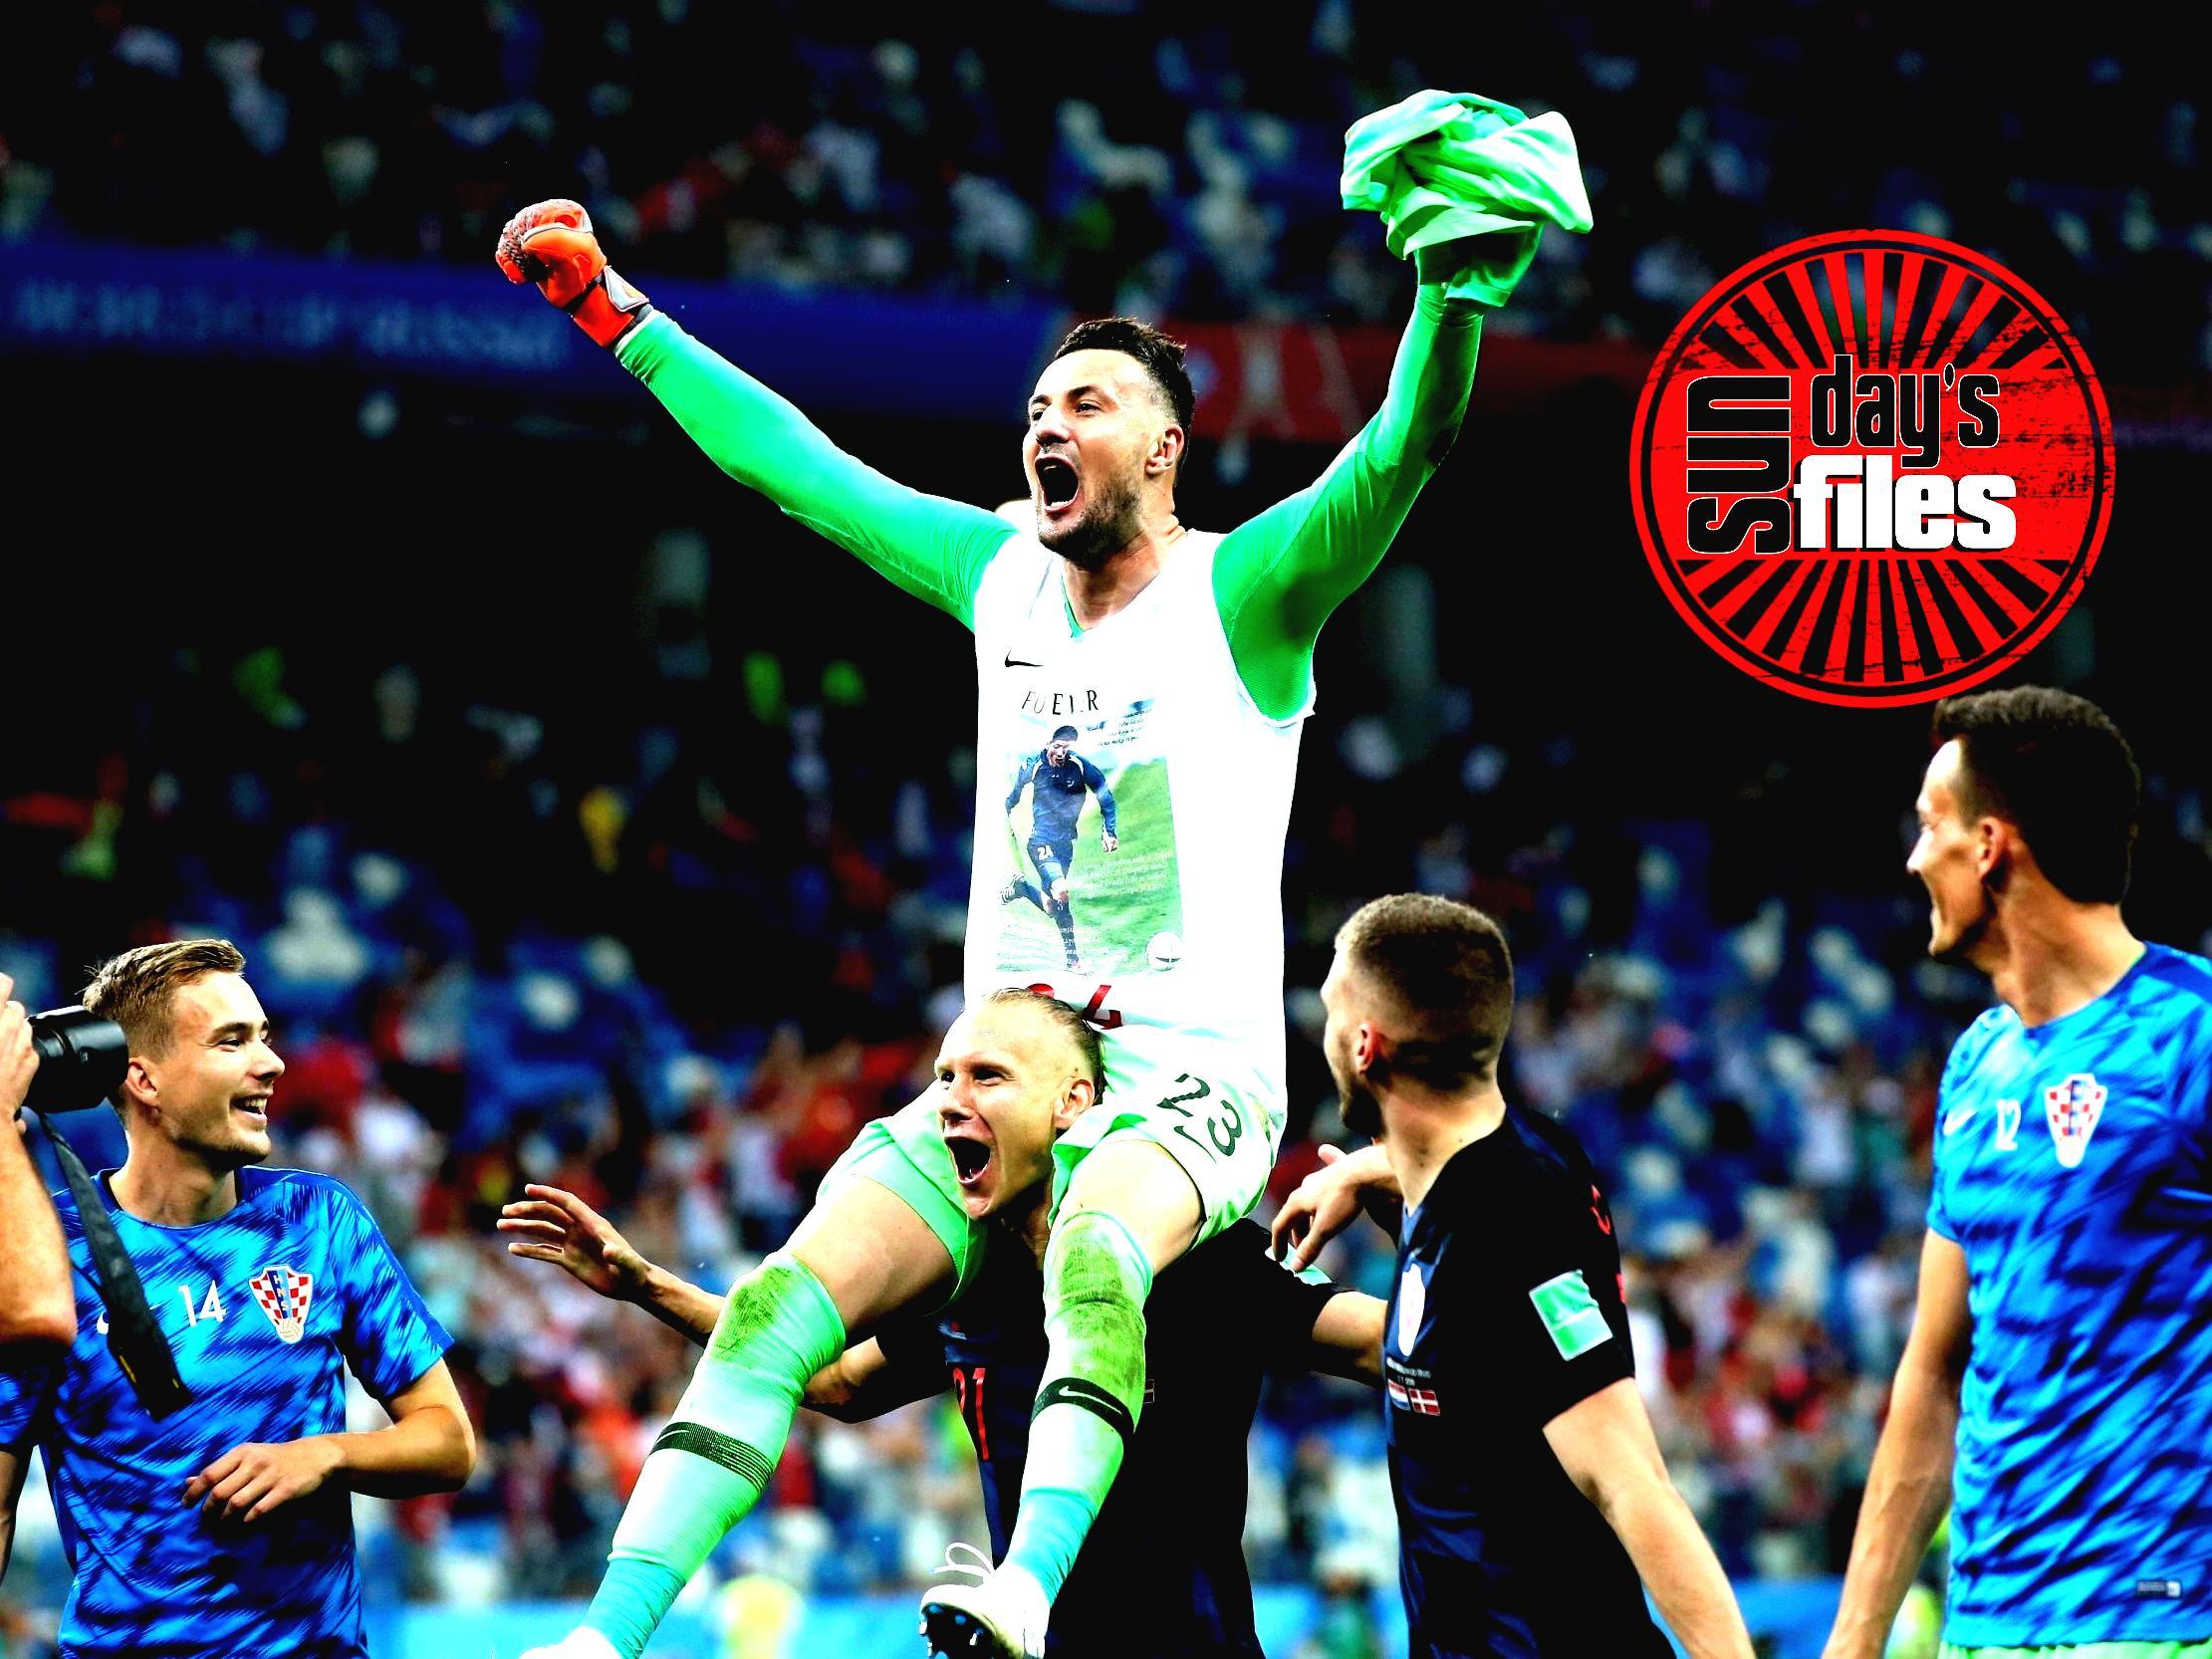 Ντάνιελ Σούμπασιτς, ήρωας από ανάγκη - Sportime.GR